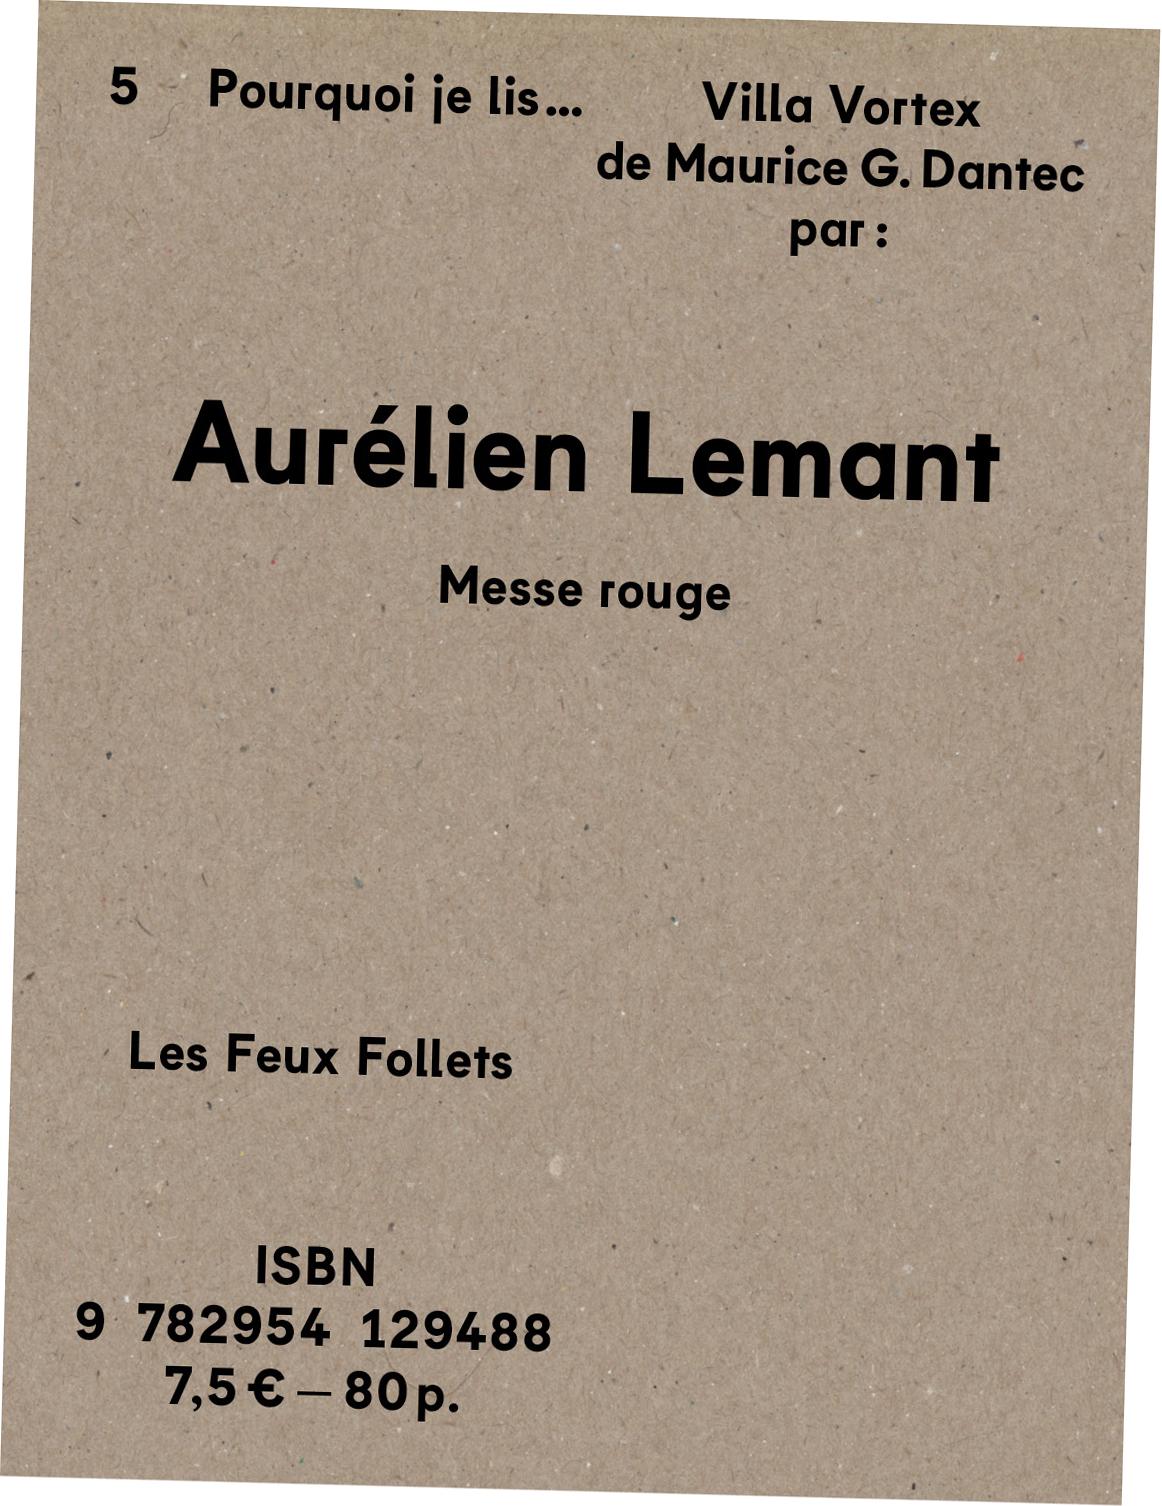 Aurélien Lemant - Villa Vortex - couverture